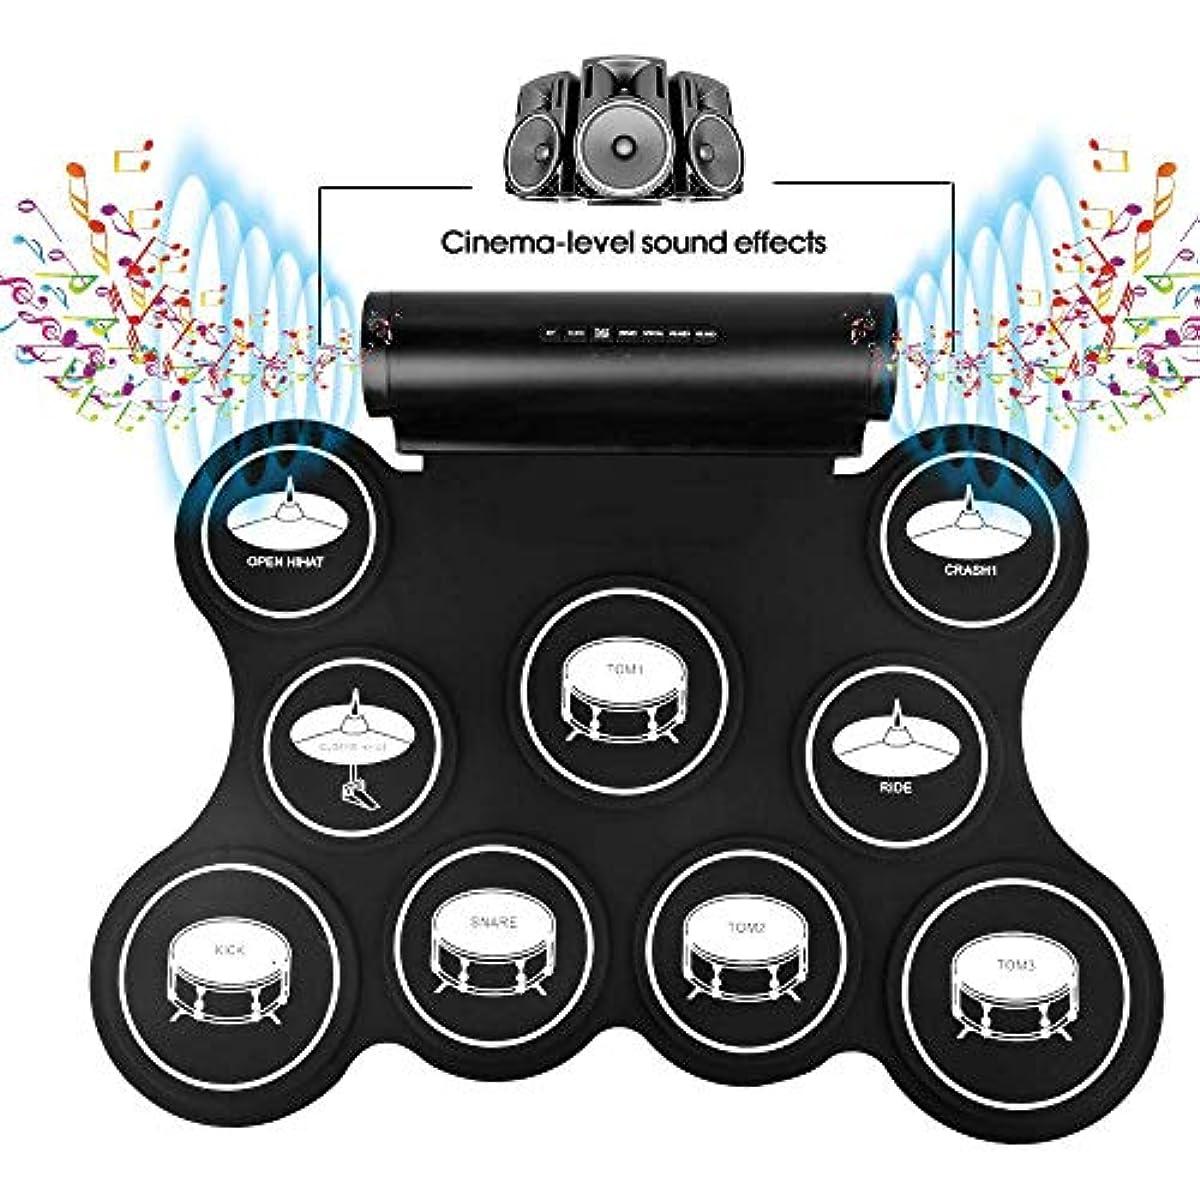 [해외] 전자 드럼 세트,스피커와 배터리,드럼 스틱,풋 페달에 구축 된 헤드폰 자쿠Zaku 딸린 9패드 전기 드럼 세트 연습 드럼 스타터를 위한 키즈 드럼 세트